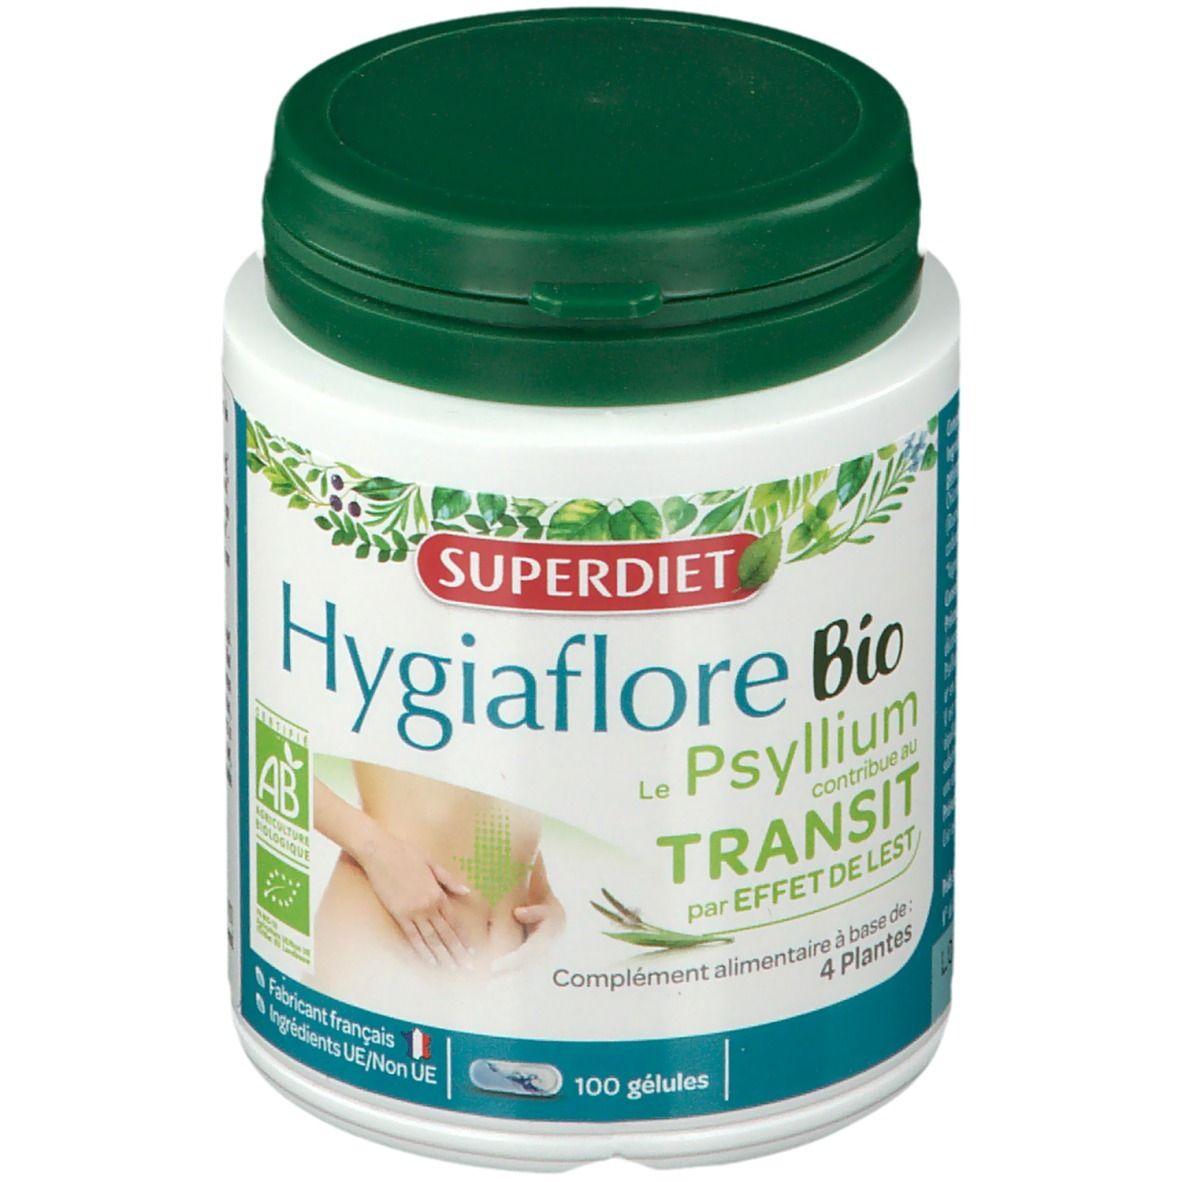 Super Diet Hygiaflore Psyllium Bio pc(s) capsule(s)